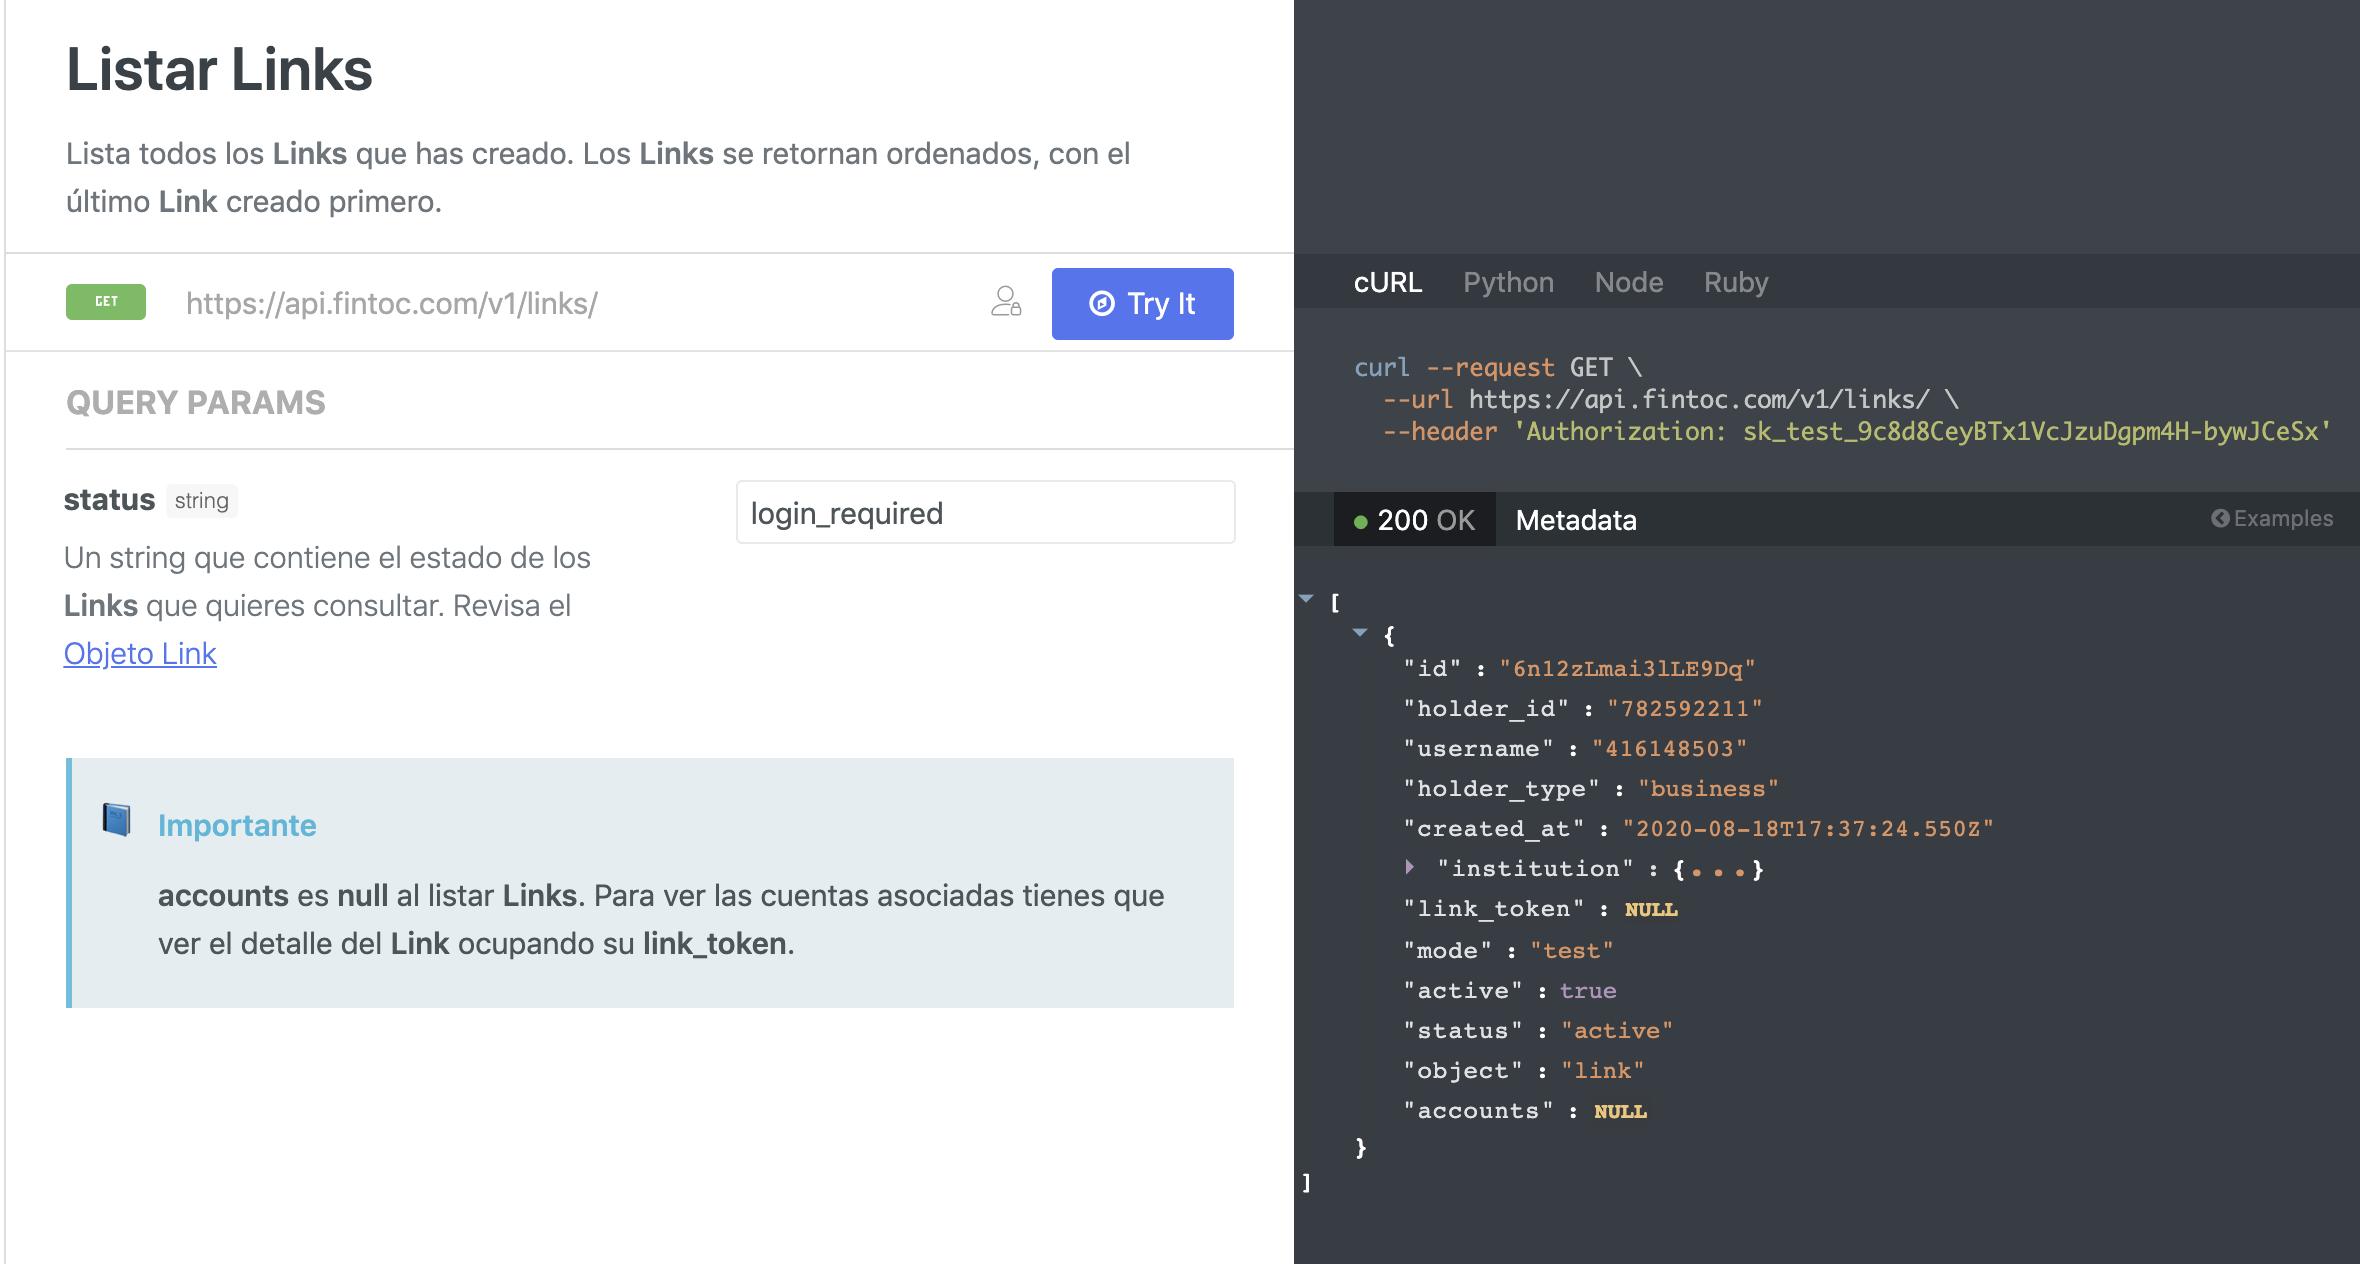 Status of an API link